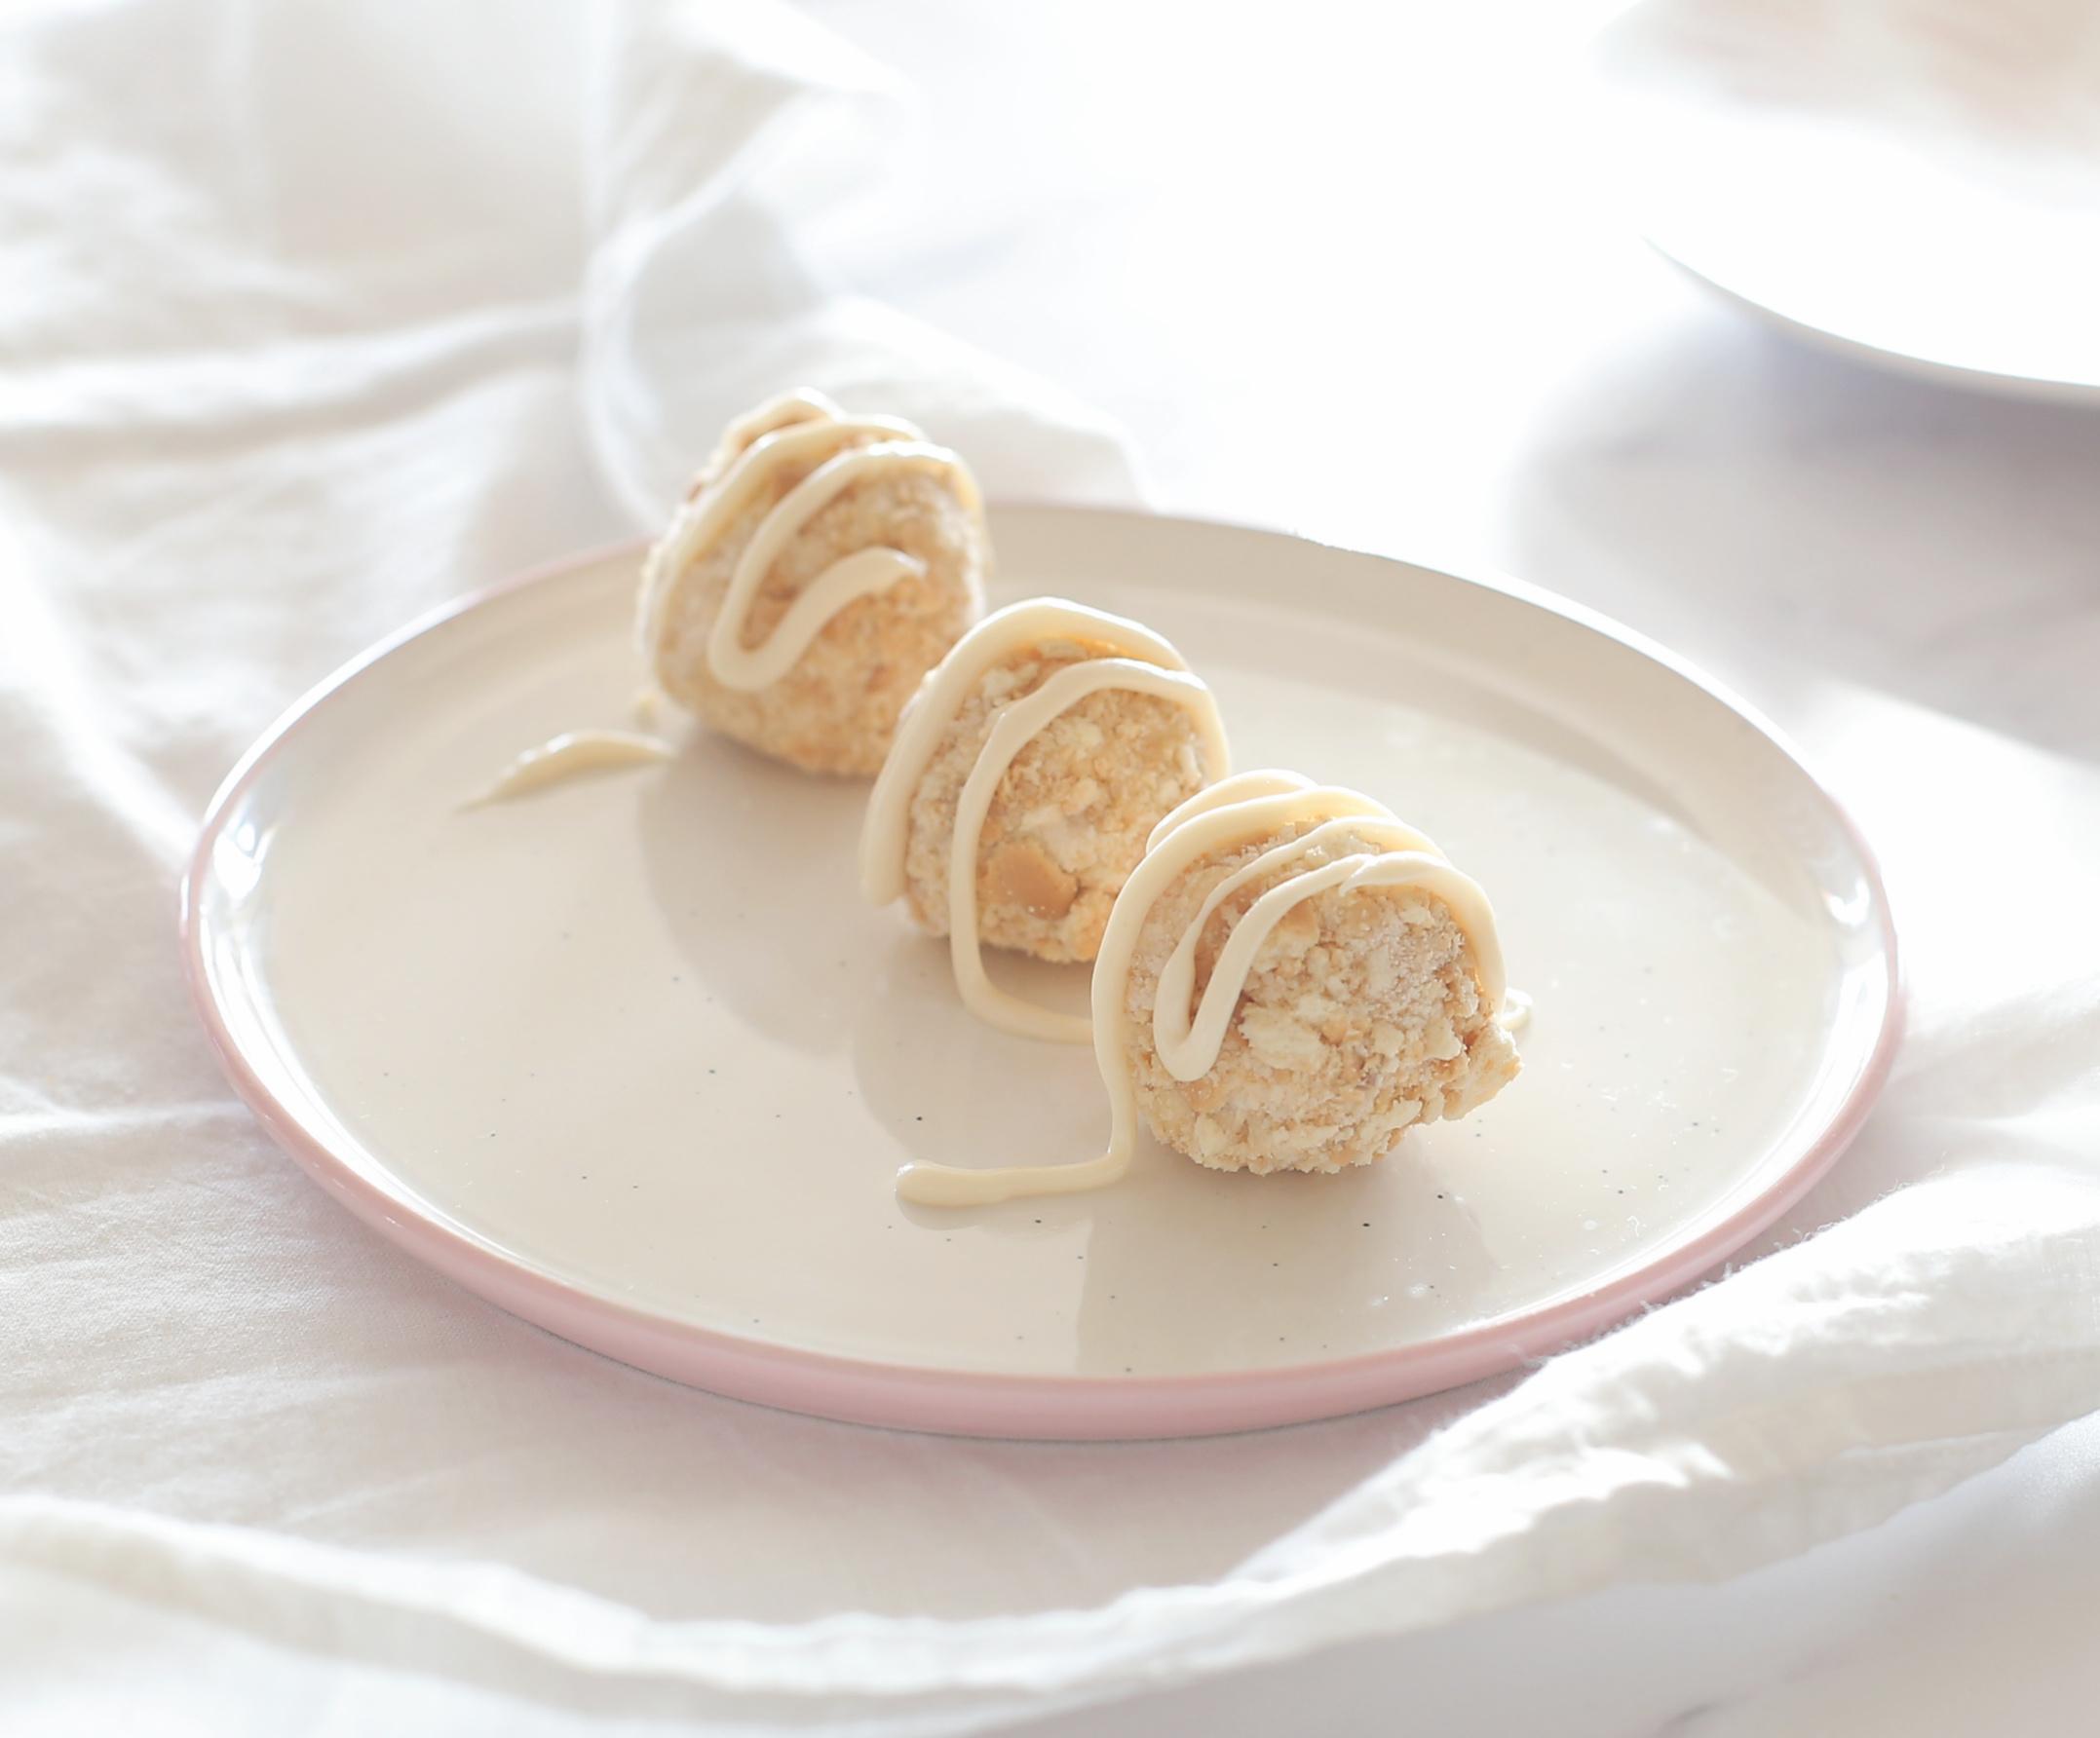 כדורי גבינה מתוקים ללא אפיה_קינוח מושלם שמכינים מראש ושומרים במקפיא_צילום ומתכון טליה הדר אשת סטייל